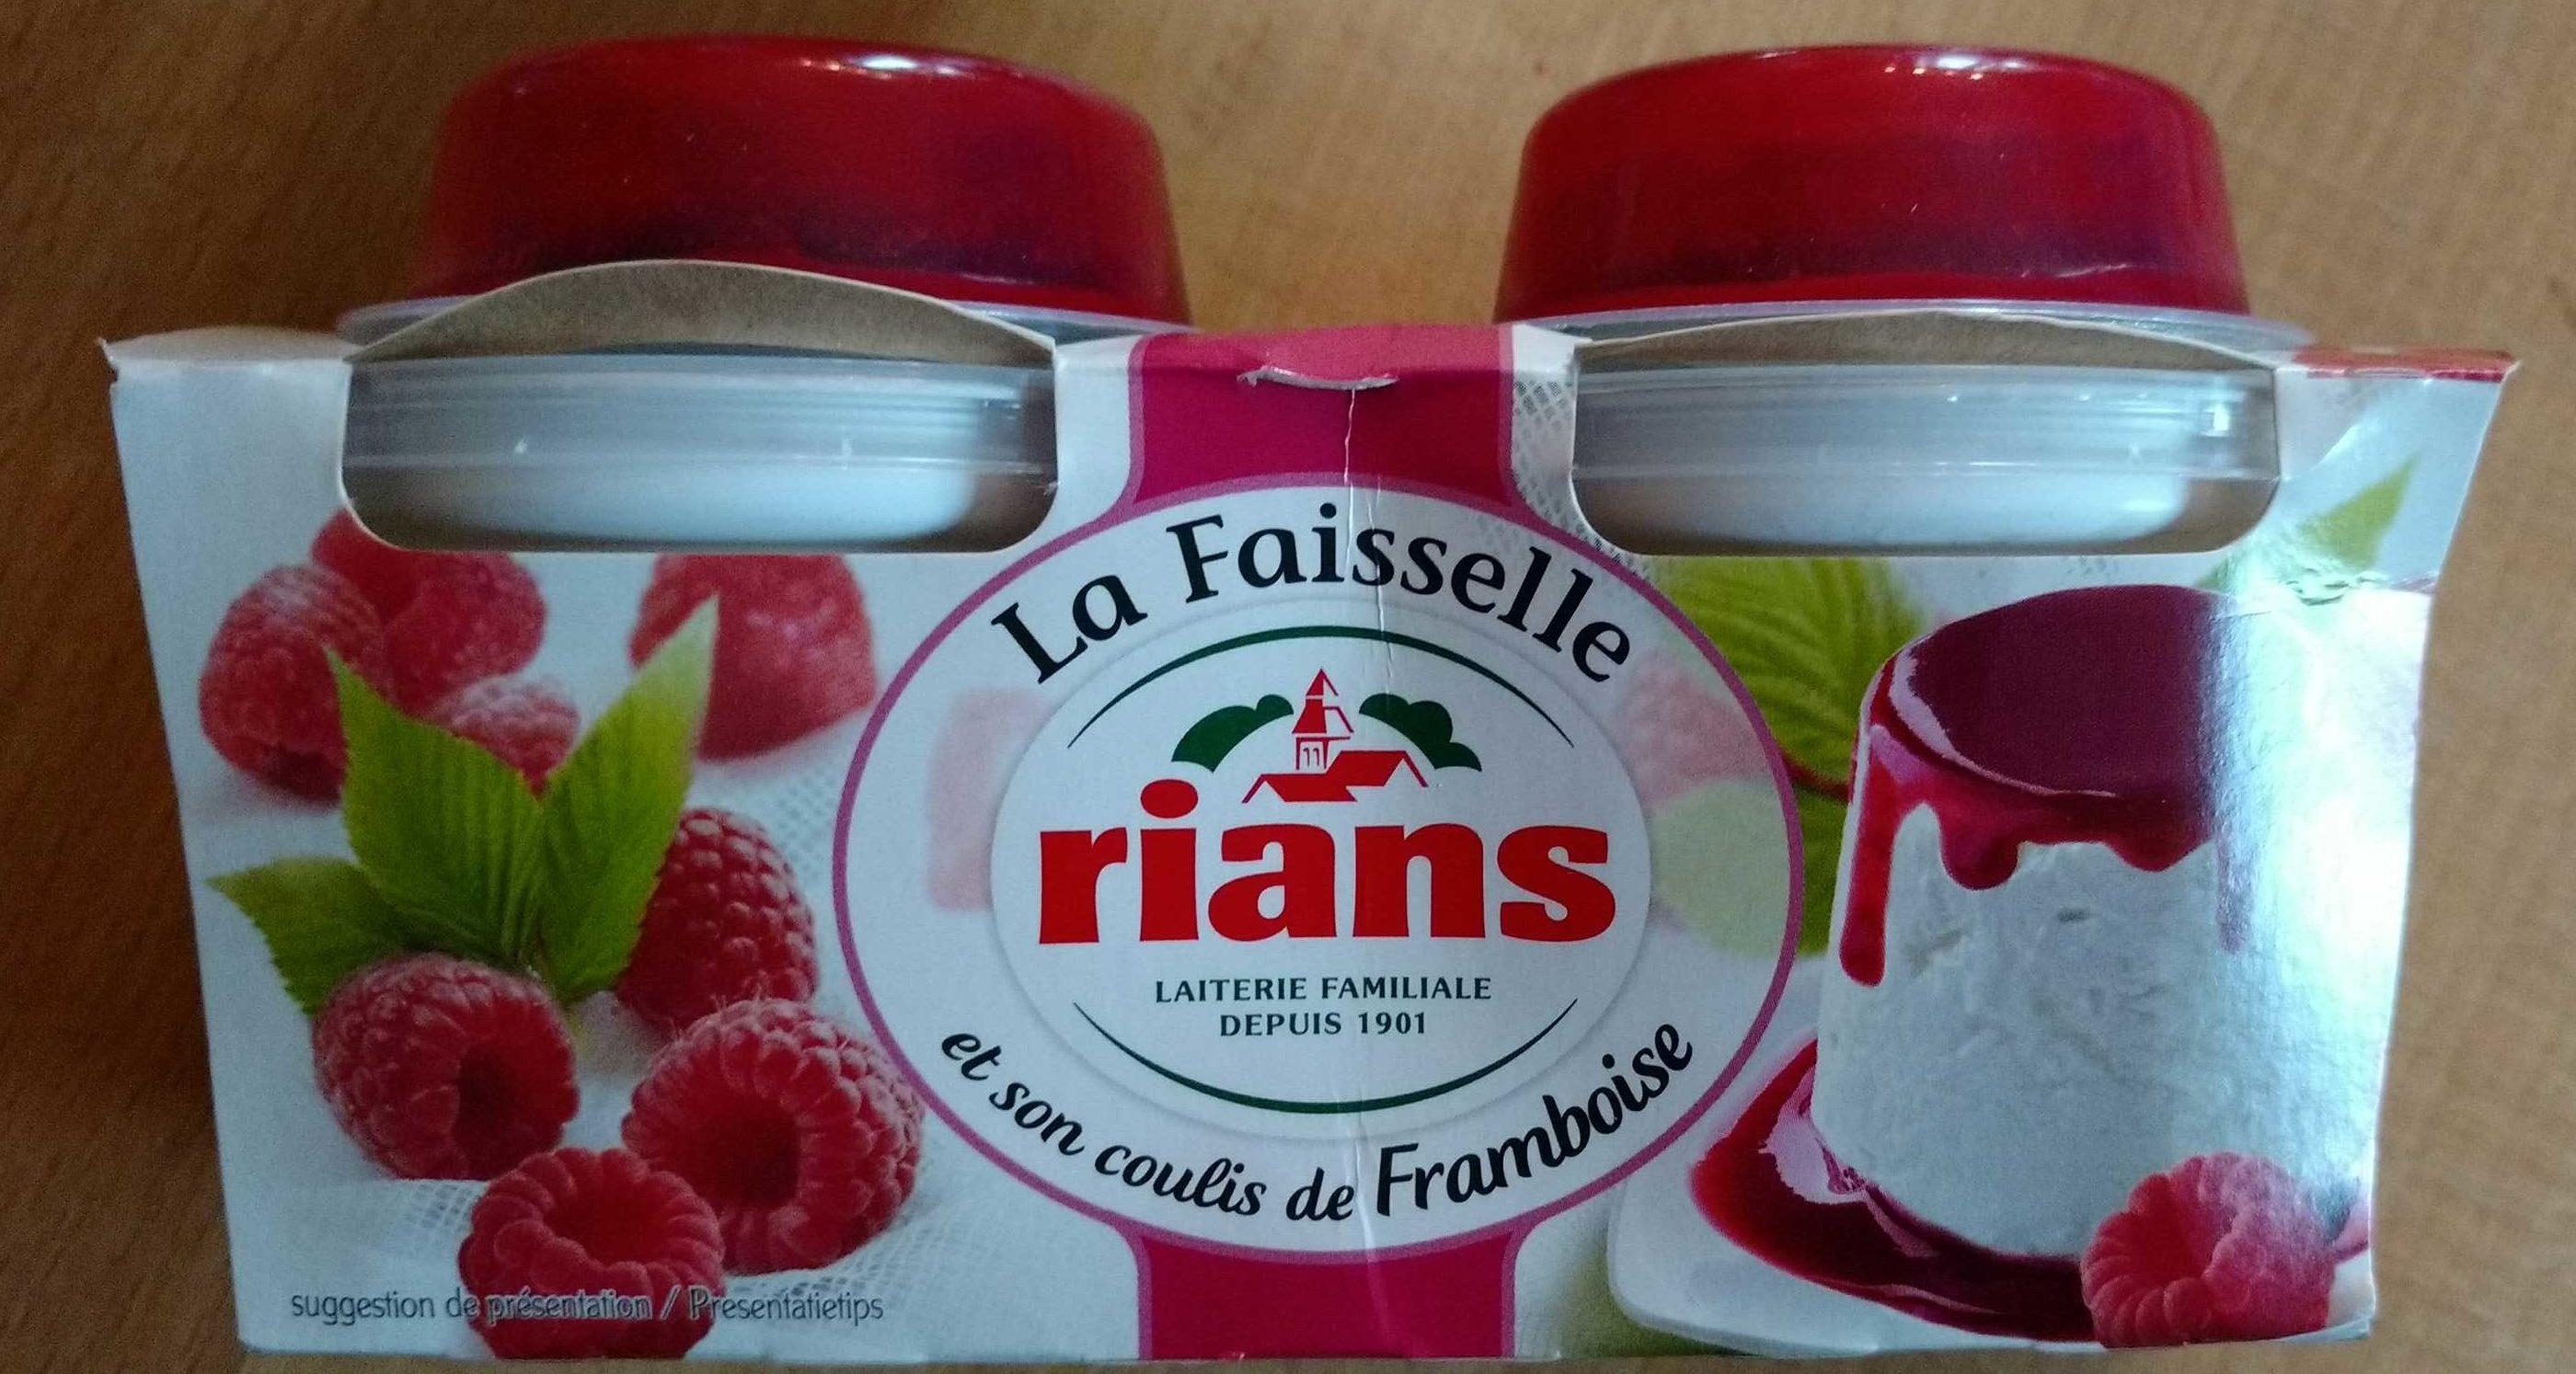 La Faisselle et son coulis de Framboises - Product - fr